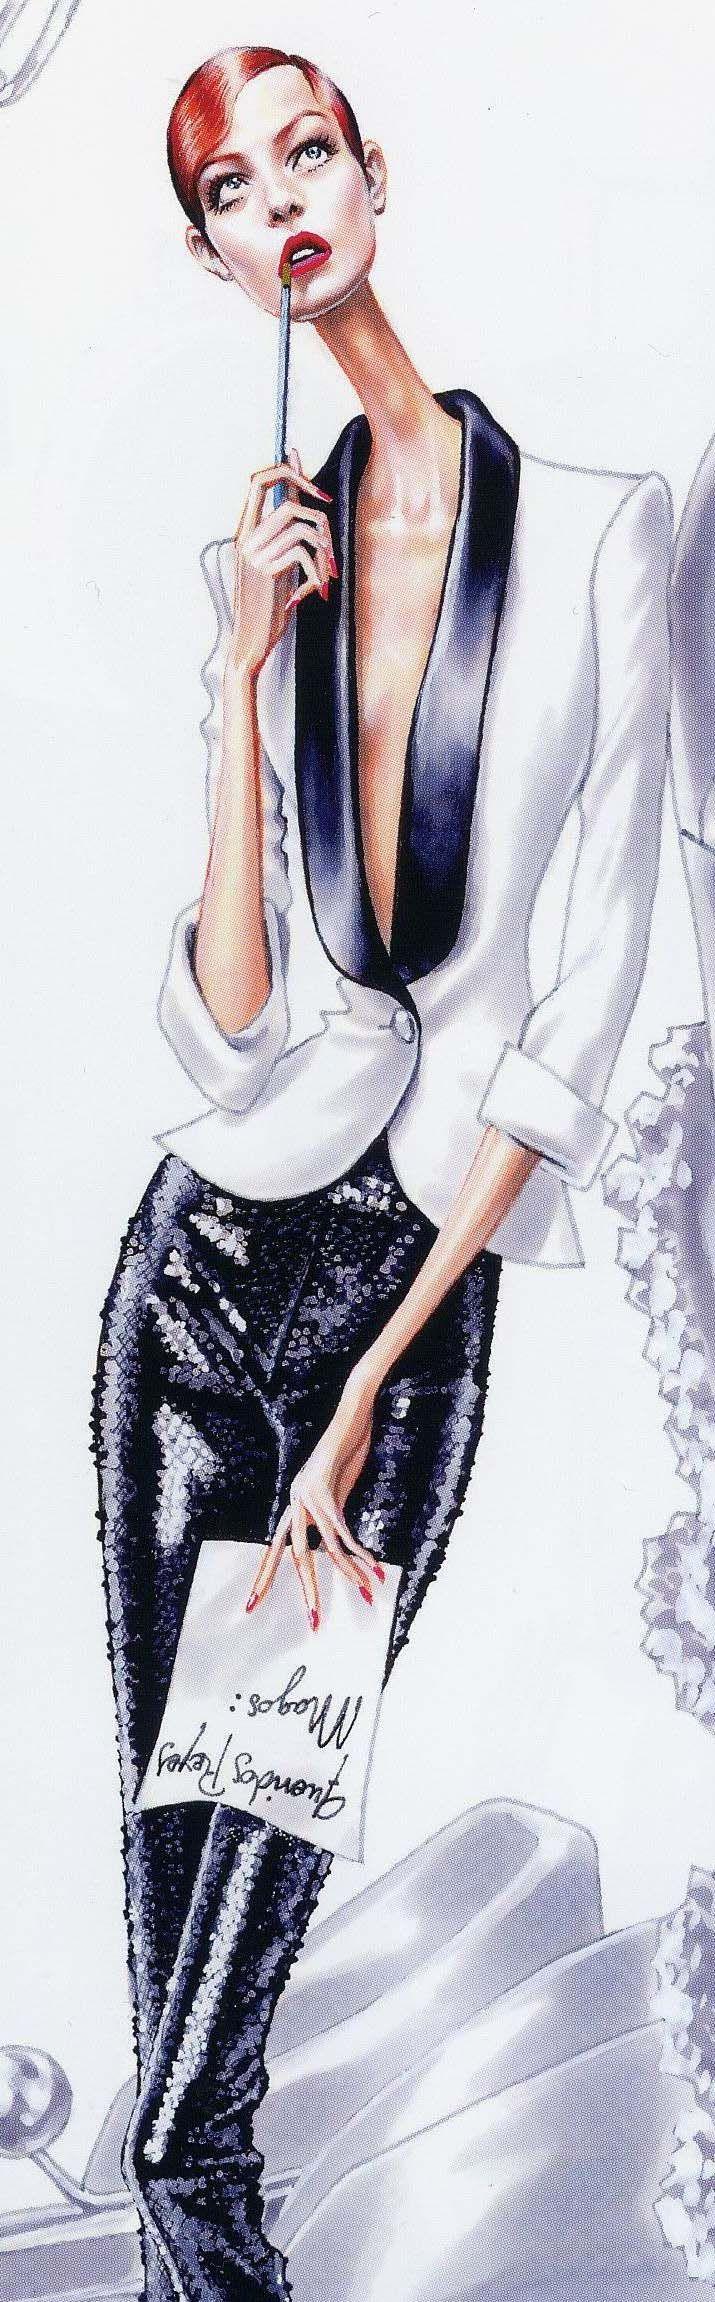 Arturo Elena: Ilustrador de las Jornadas de Blogs de Moda.                                                                                                                                                                                 Más